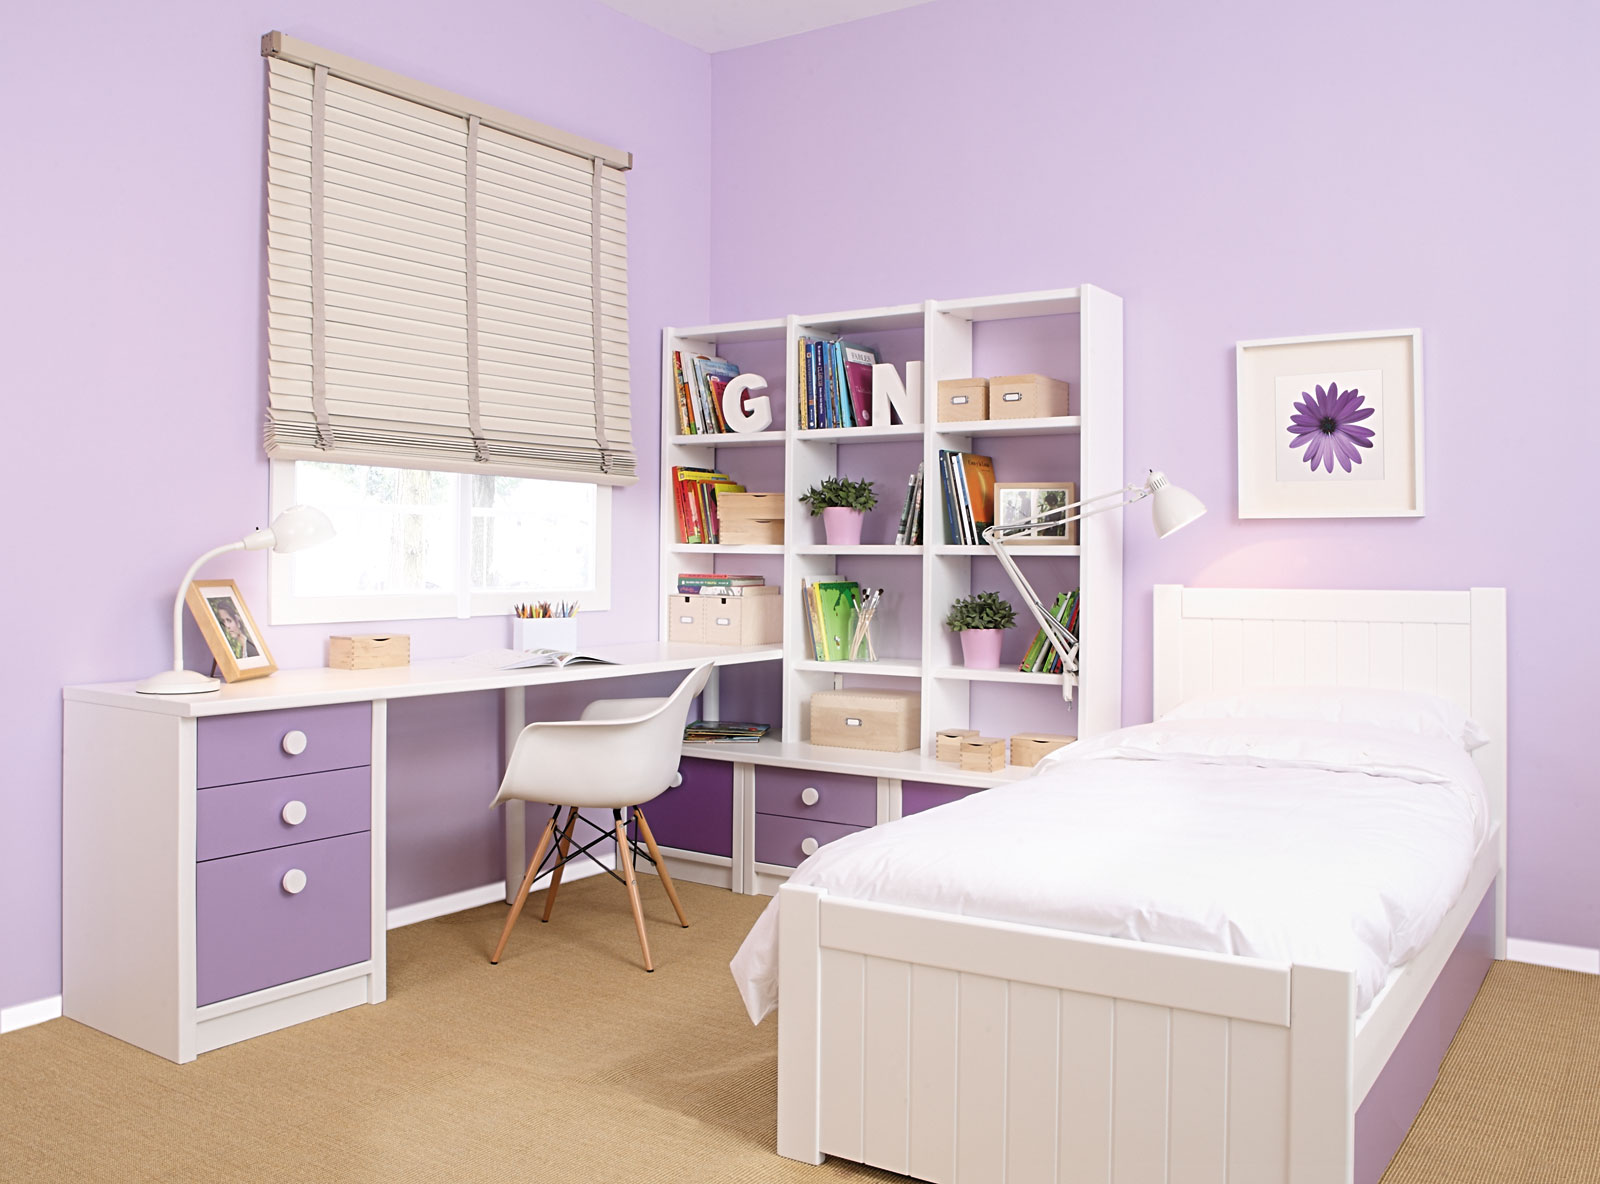 Dormitorio juvenil asoral 7 el chafl n mueble juvenil for Muebles asoral